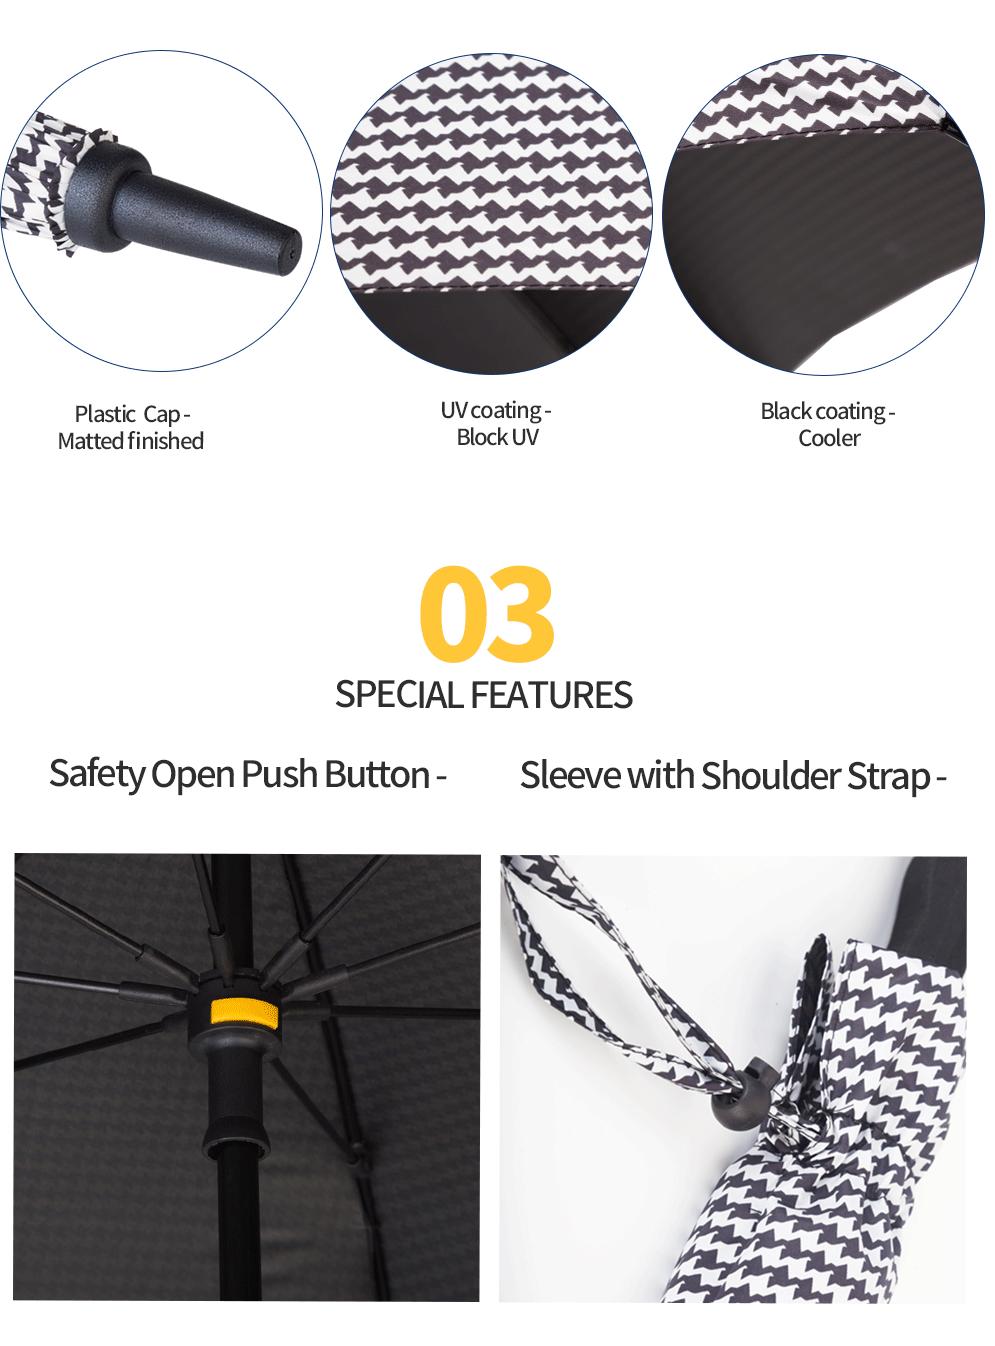 Black Coating Golf Umbrella